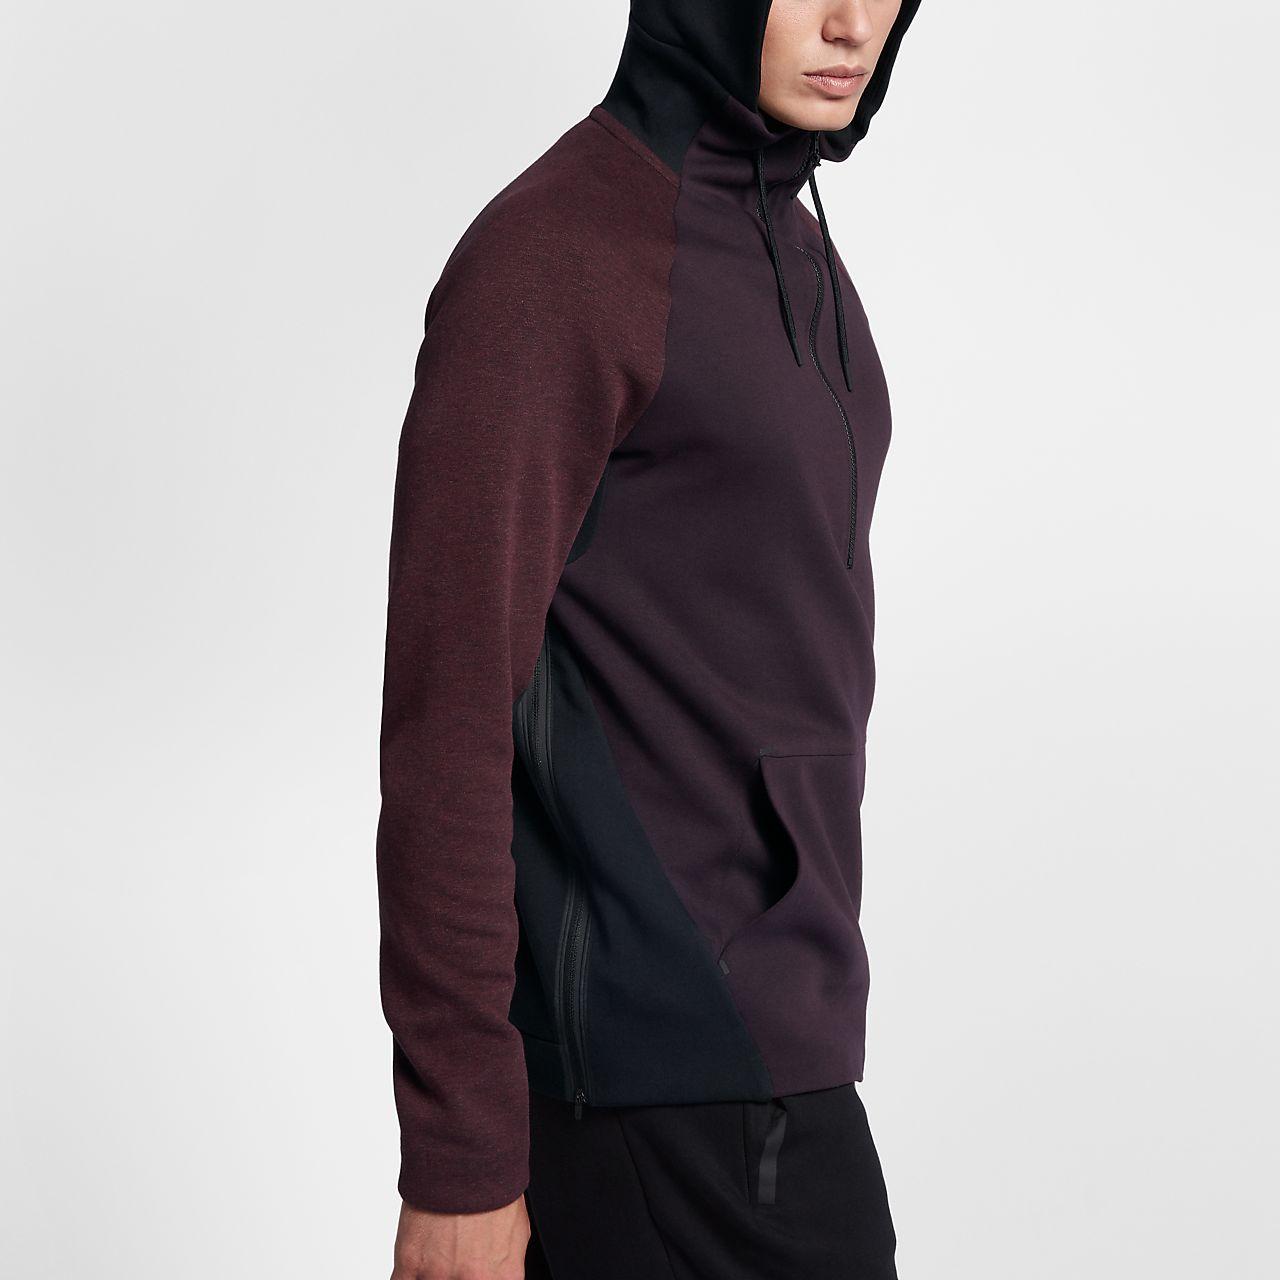 Nike Sportswear Tech Fleece hettegenser med halv glidelås for herre